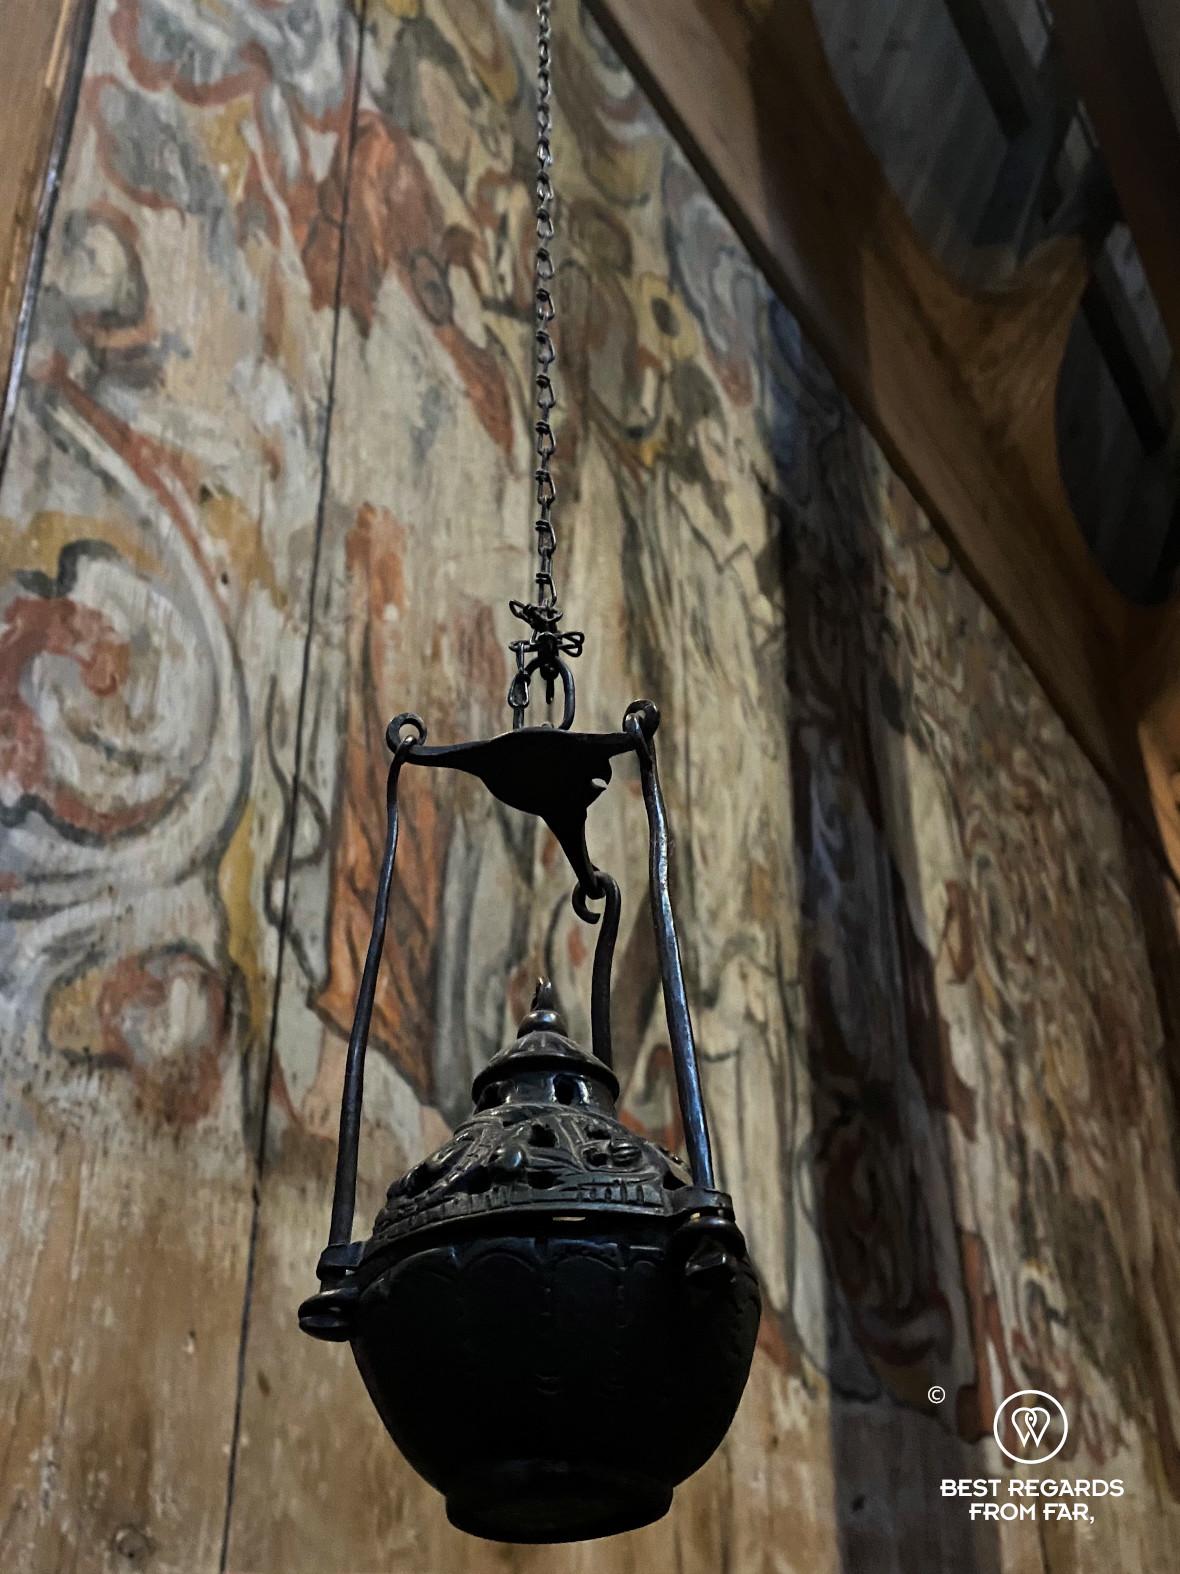 Incense burner, Heddal Stave Church